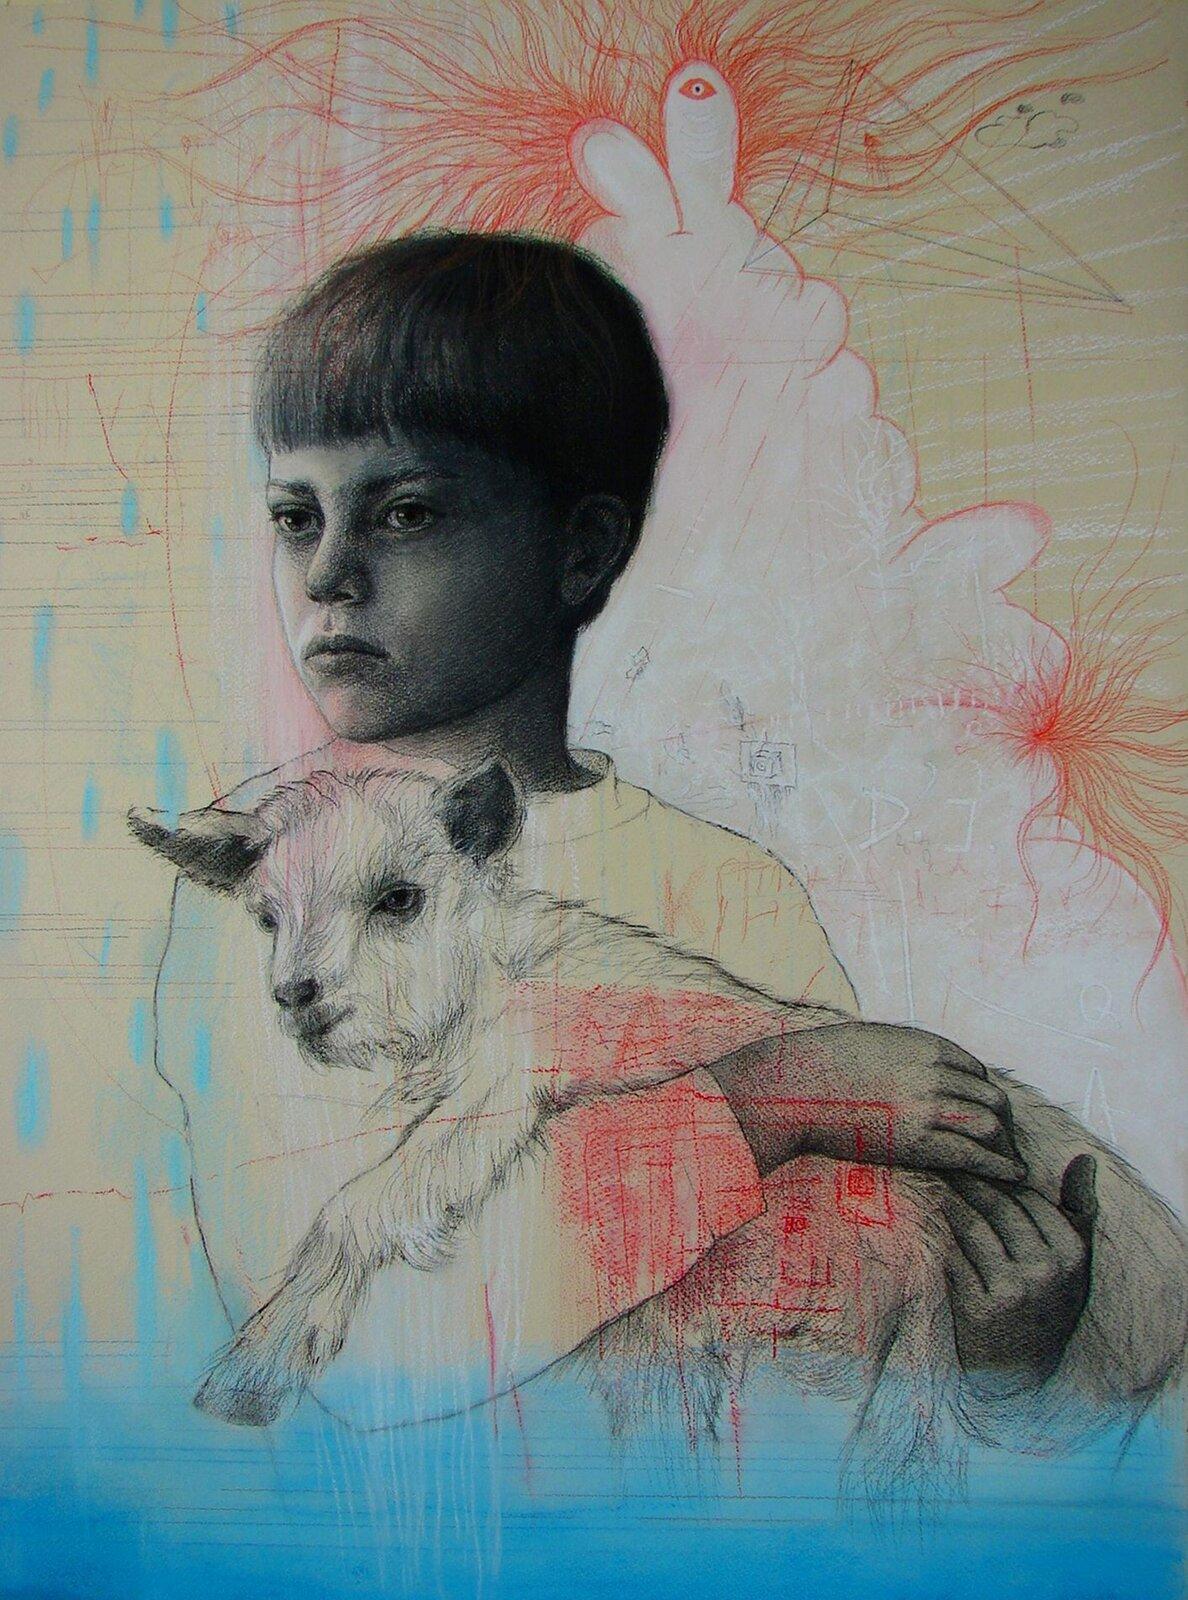 """Ilustracja przedstawia obraz """"Chłopiec zkozą """" autorstwa Ewy Bińczyk. Dzieło ukazuje pastelowy portret chłopca trzymającego kózkę. Postać dziecka, umieszczona wcentrum została wykonana za pomocą czarno-białego rysunku. Artystka zdużą dbałością oszczegół odwzorowała naturę. Ubrany wbluzę chłopiec zkrótkimi włosami spogląda wprawą stronę. Twarz jest bardzo poważna. Pastel wykonany jest na jasnym beżowo-żółtym tle. Za postacią widnieje czerwony, delikatny rysunek chmurzastego kształtu zwystającymi zza niego, wijącymi się liniami. Czerwony rysunek znajduje się również na postaci kozy – tym razem jest to rodzaj labiryntu. Dolną partię obrazu przysłania półprzezroczysty błękit. Wgórnym prawym rogu narysowany został przez artystkę trójkątny, przestrzenny kształt. Dzieło wykonane jest techniką pasteli."""